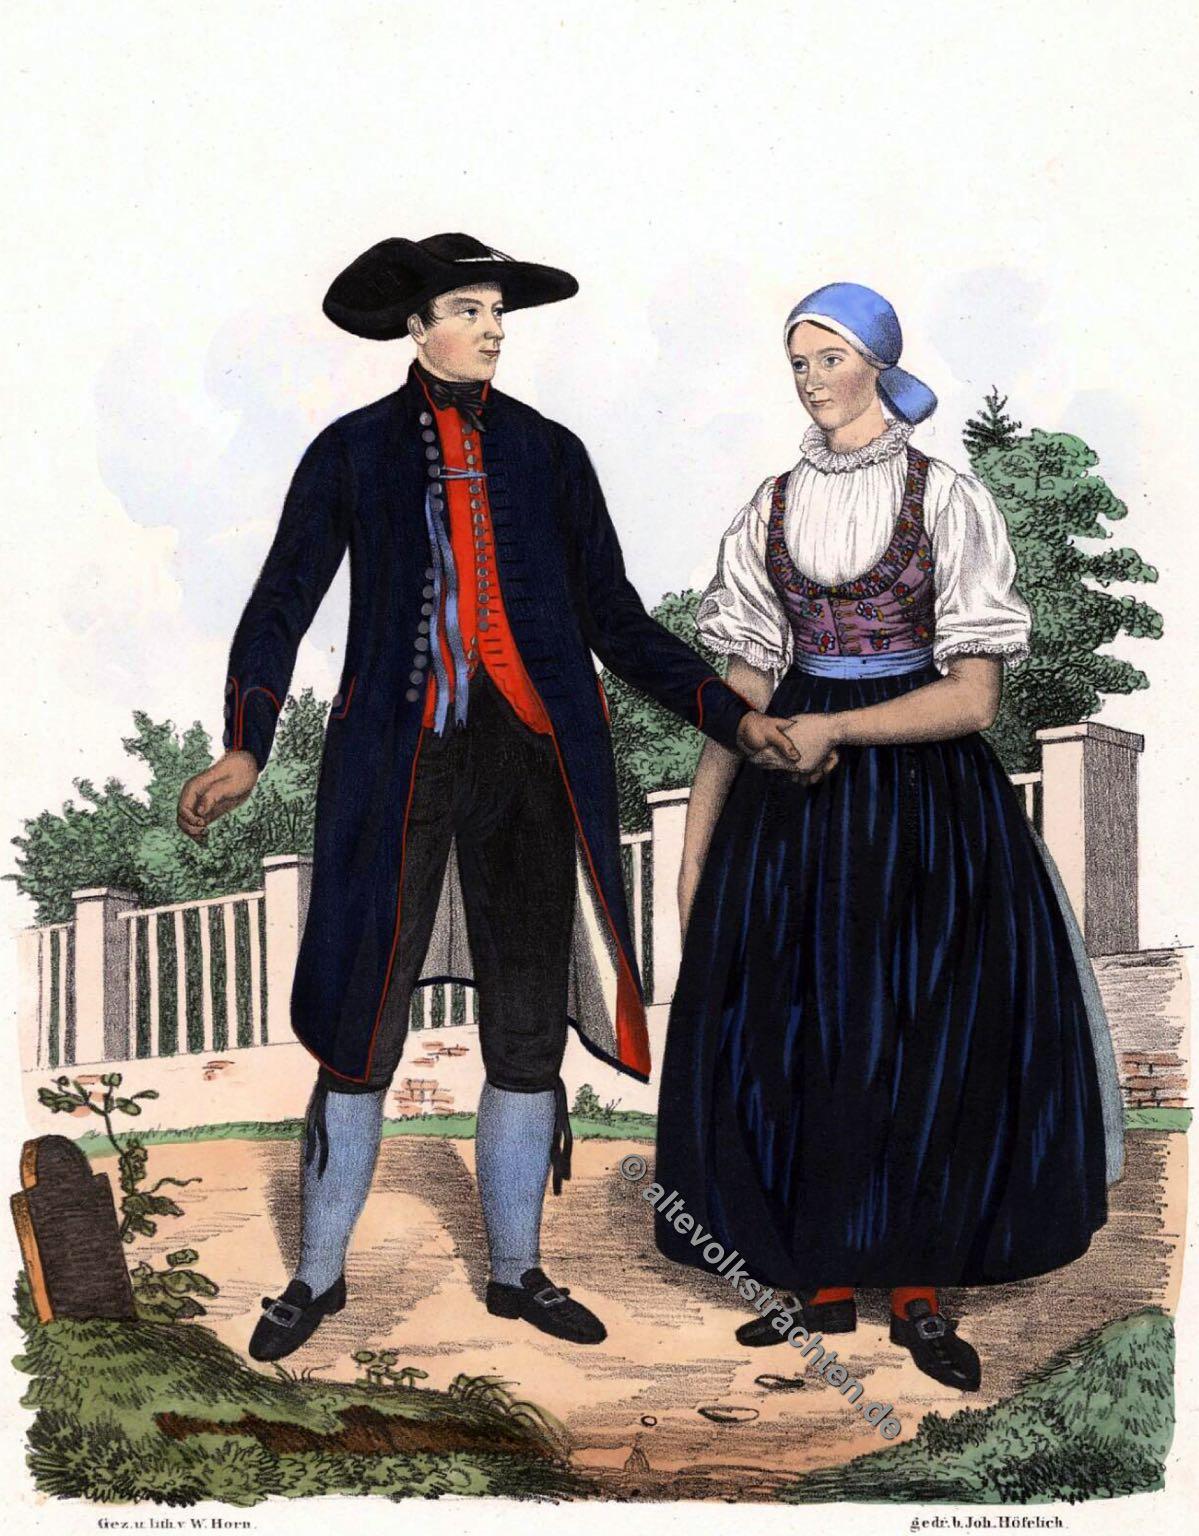 Traditionelle Brünner Tracht, Brünn, Lösch, Mähren Trachten, Bauerntrachten, Modegeschichte, Kostümgeschichte, historische Kostüme, Tschechien, Sudetenland